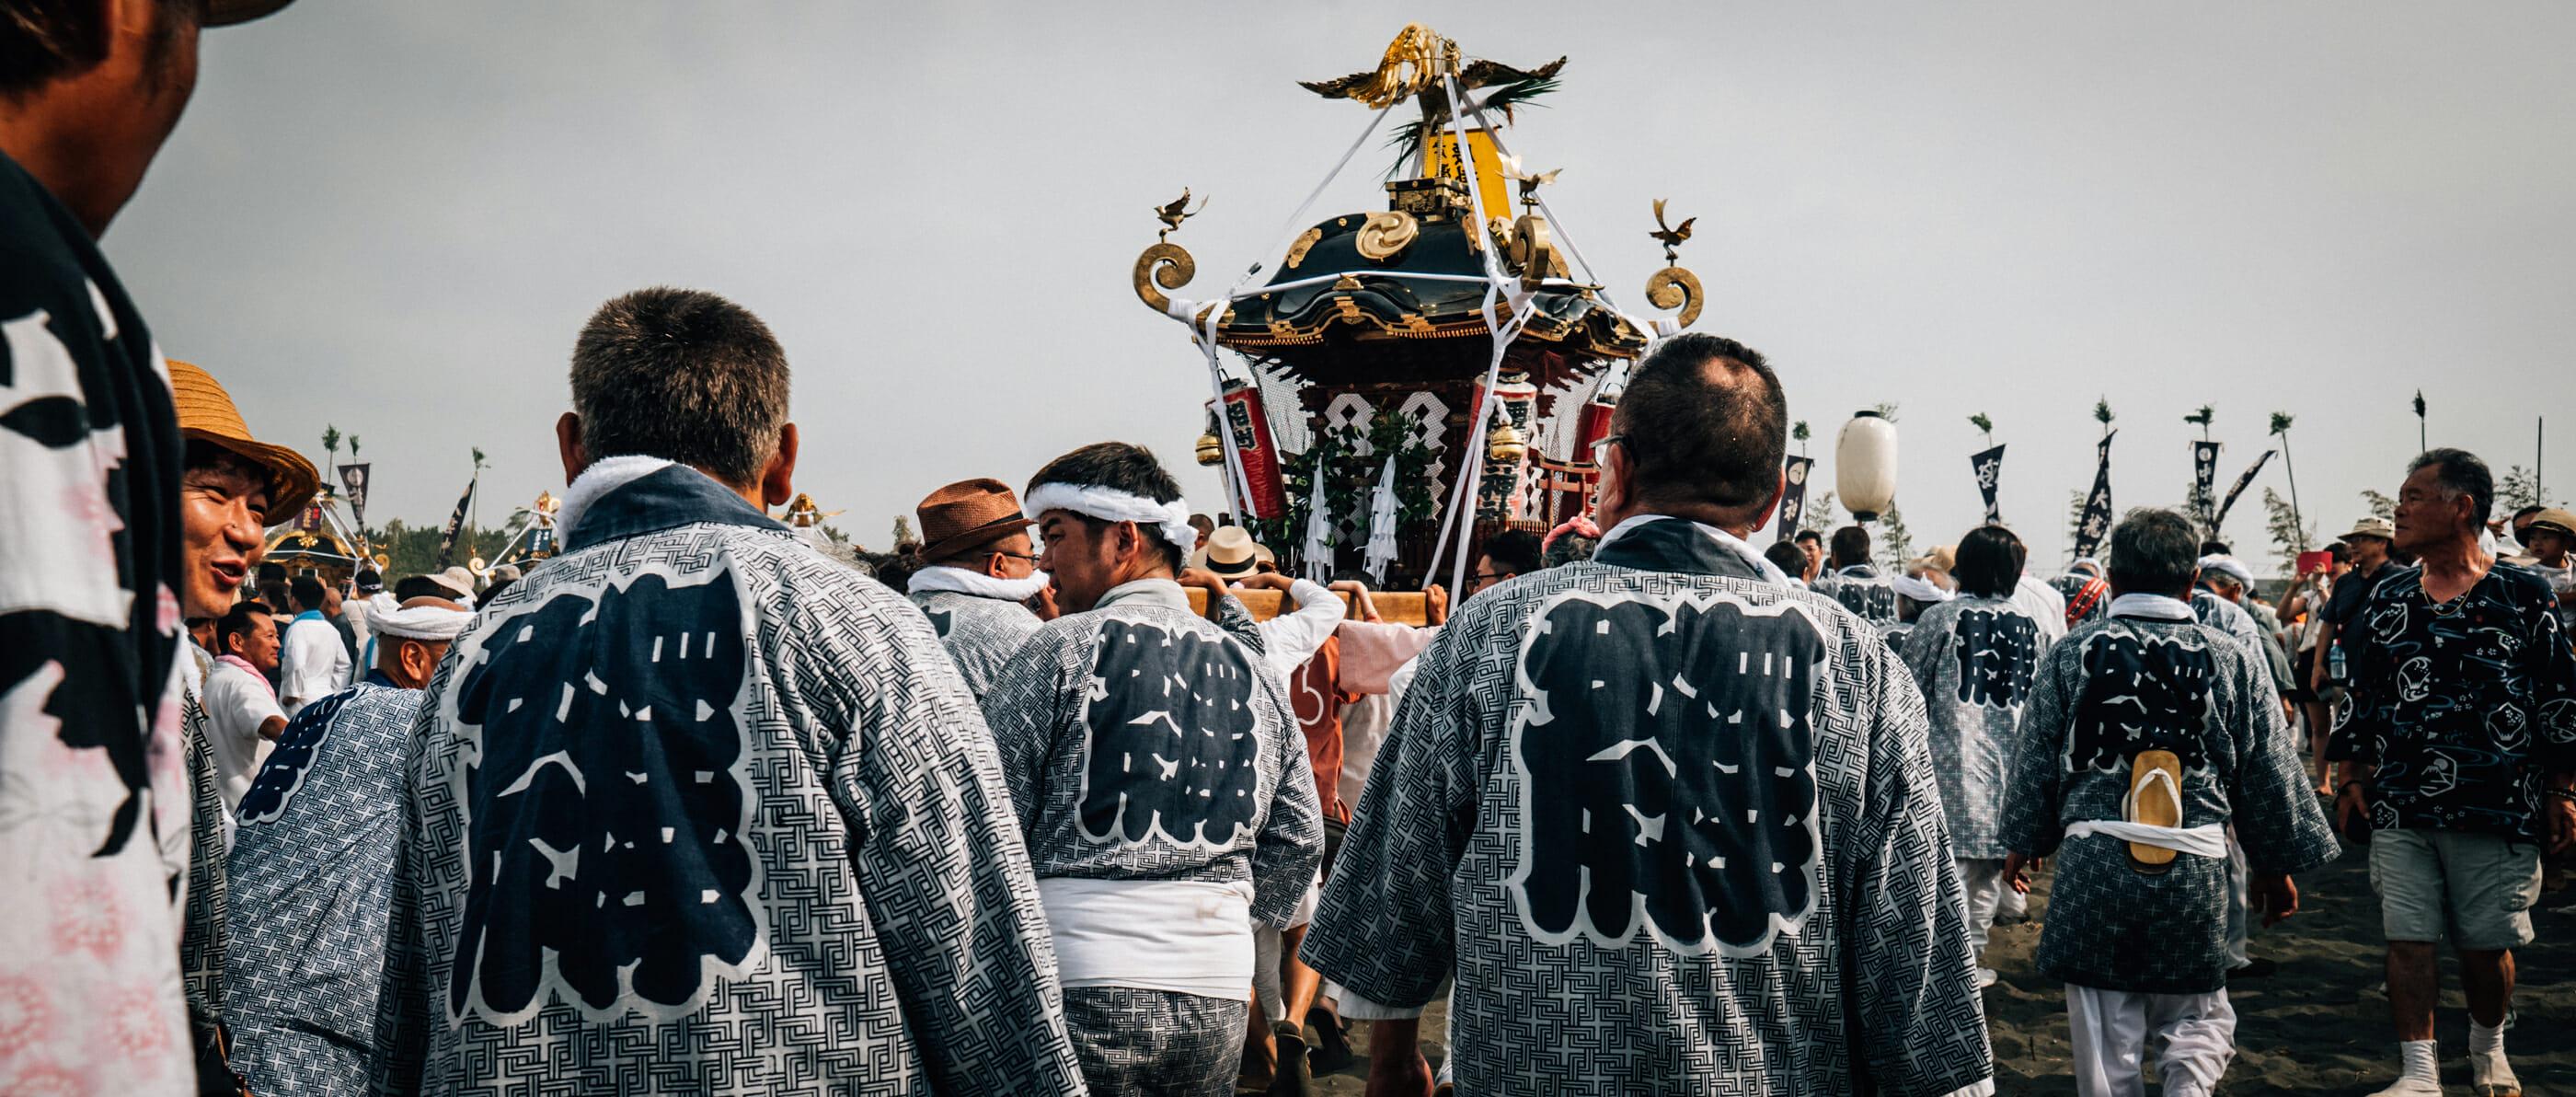 tour du monde japon